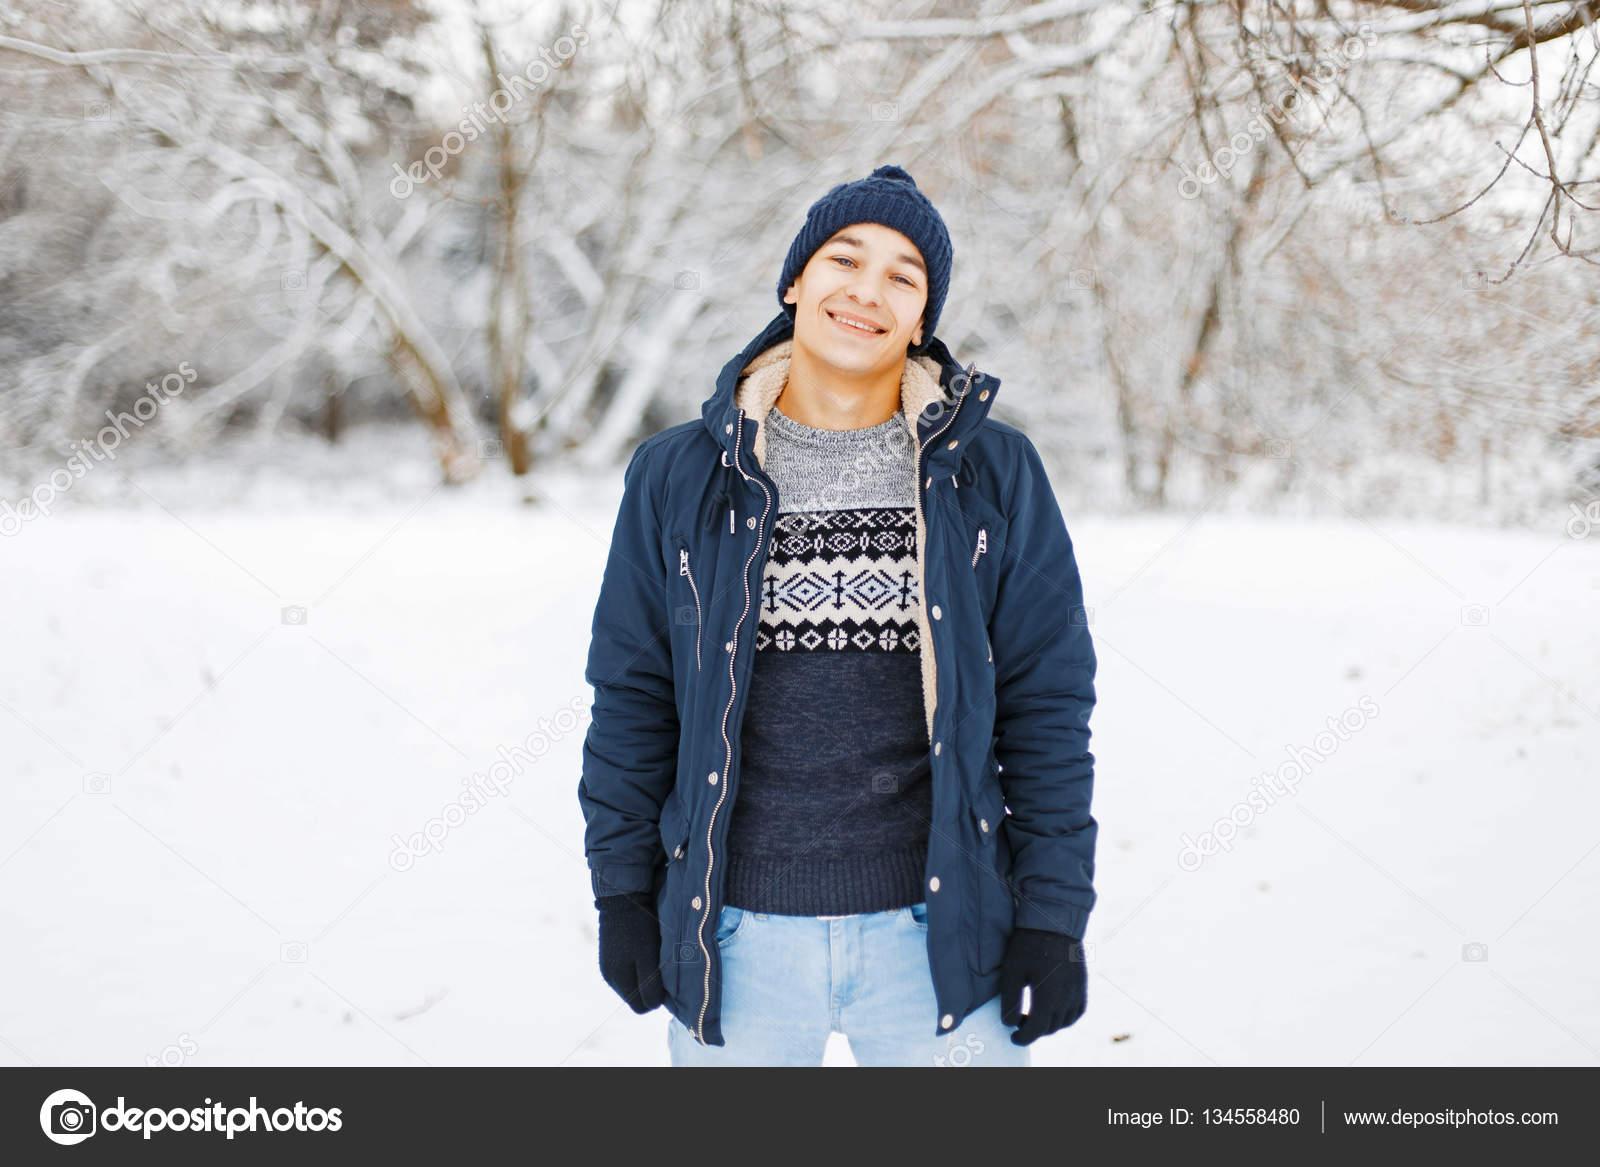 b9e2dd7e16 Heureux jeune homme en vêtements d'hiver et élégant pull à la mode, marcher  dans un parc d'hiver– images de stock libres de droits